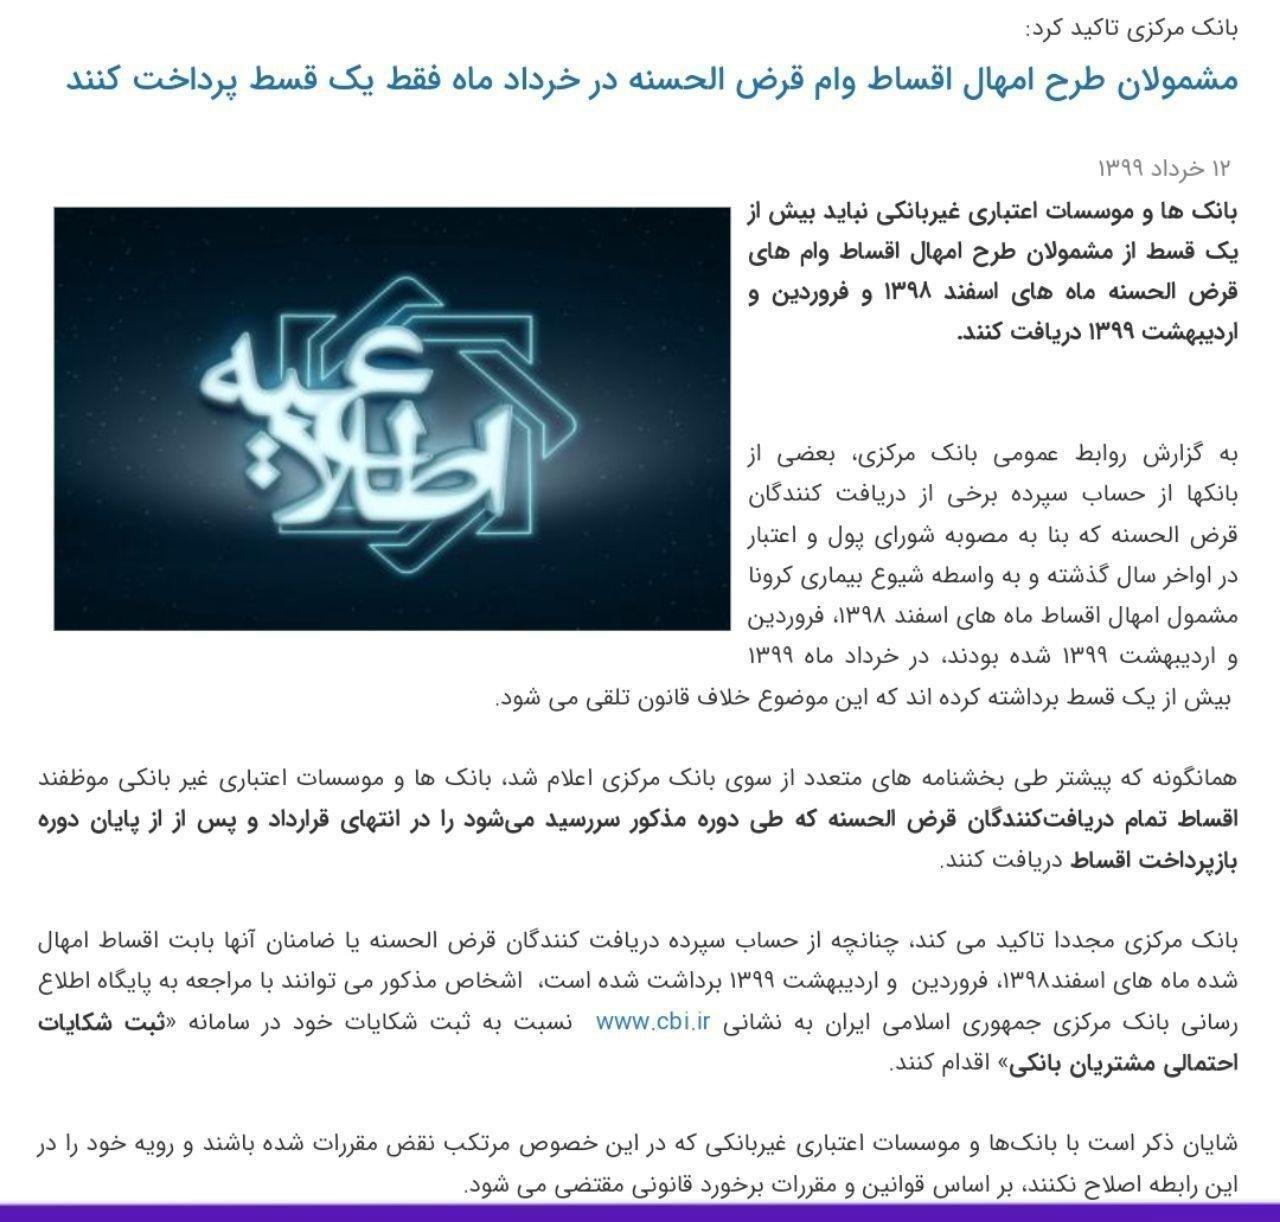 بانک مرکزی: مشمولان طرح امهال اقساط وام قرض الحسنه در خرداد فقط یک قسط پرداخت کنند